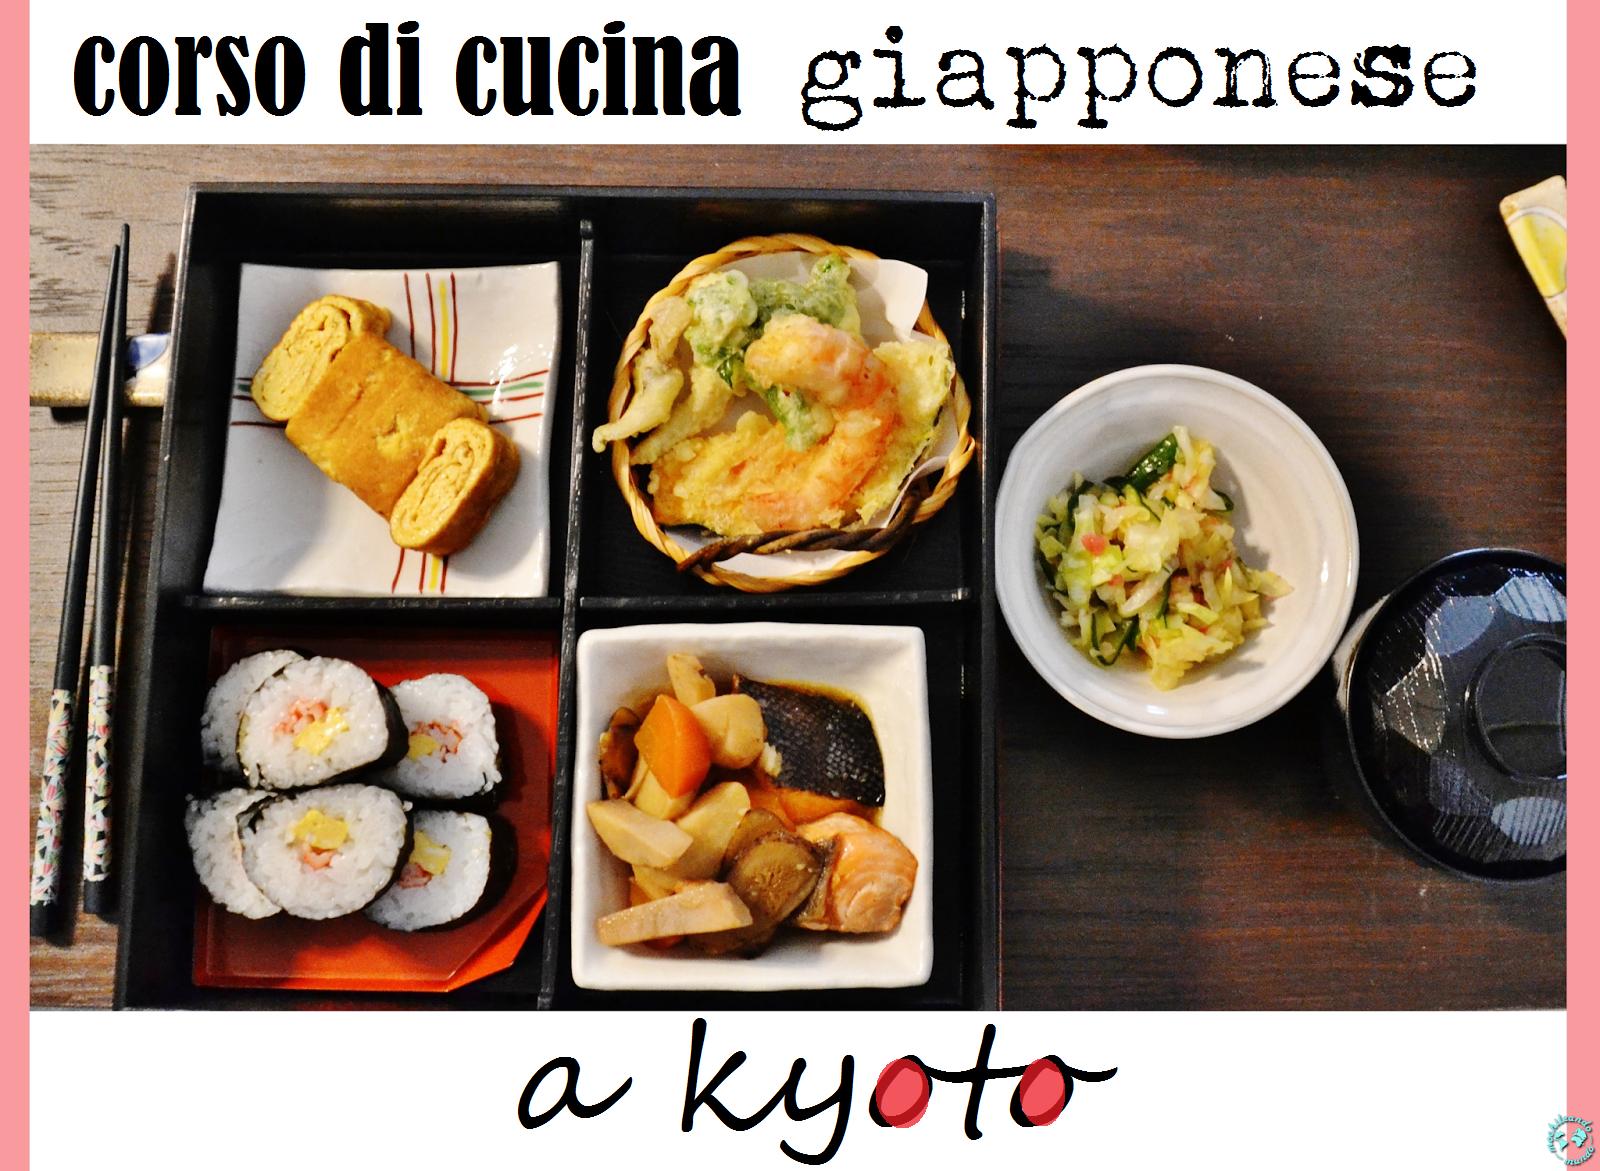 diario di una travelholic: corso di cucina giapponese a kyoto - Cucinare Giapponese